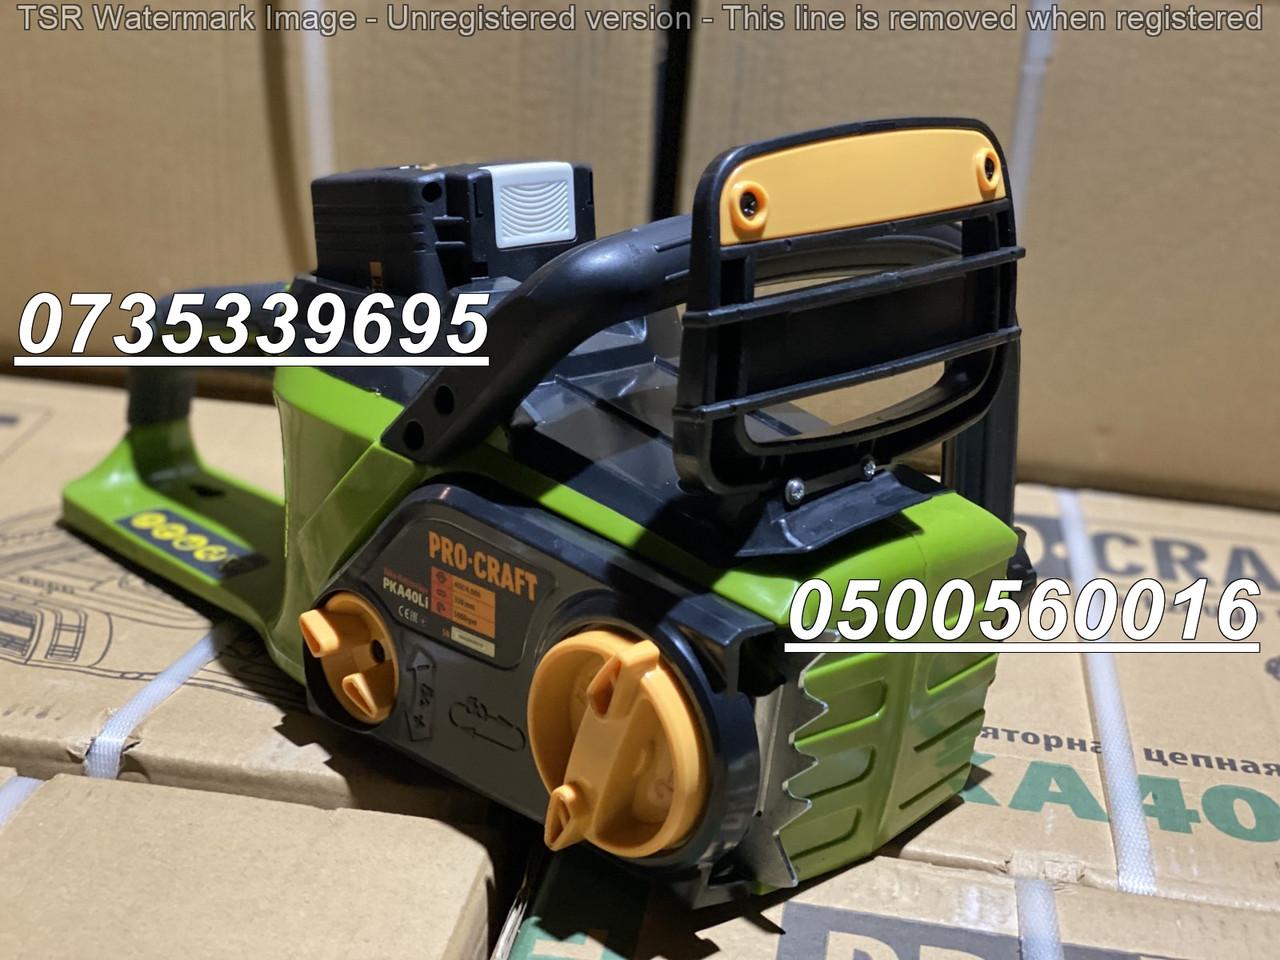 Новинка Procraft PKA40Li Аккумуляторная цепная пила Rupez RCS-40